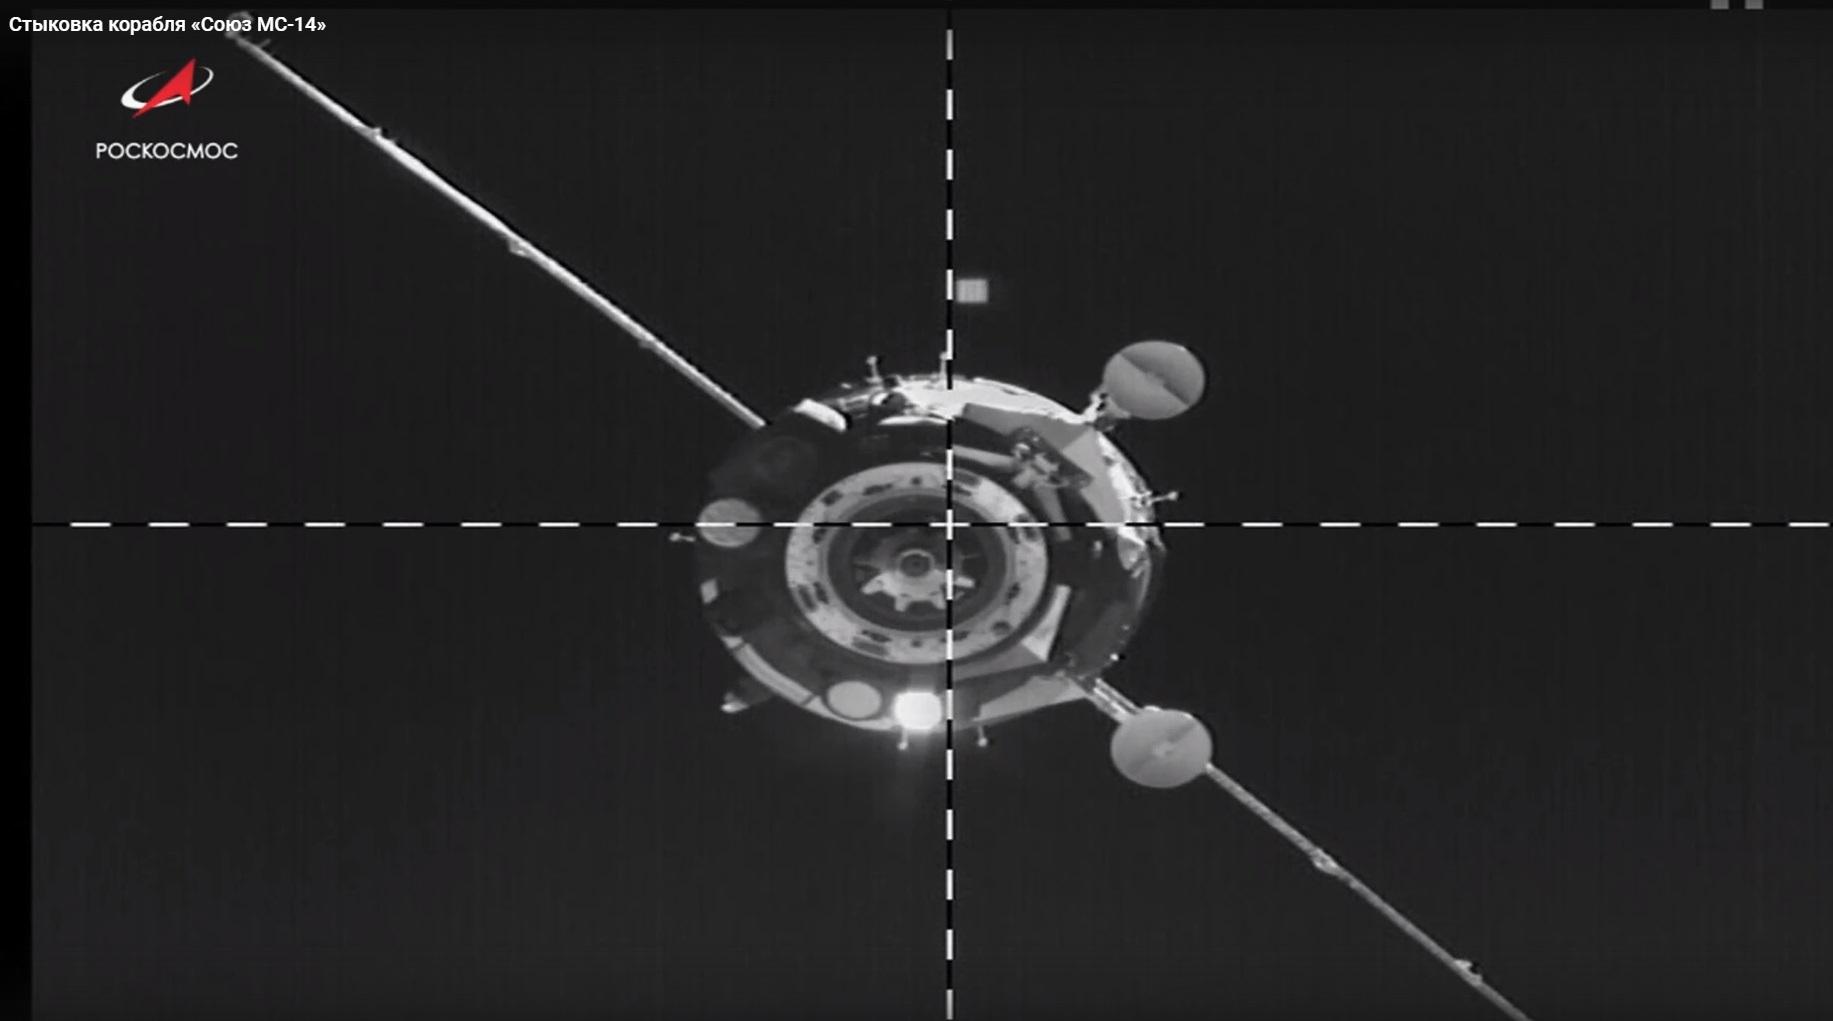 Корабль «Союз МС-14» с роботом FEDOR успешно пристыковался к МКС со второй попытки - 6